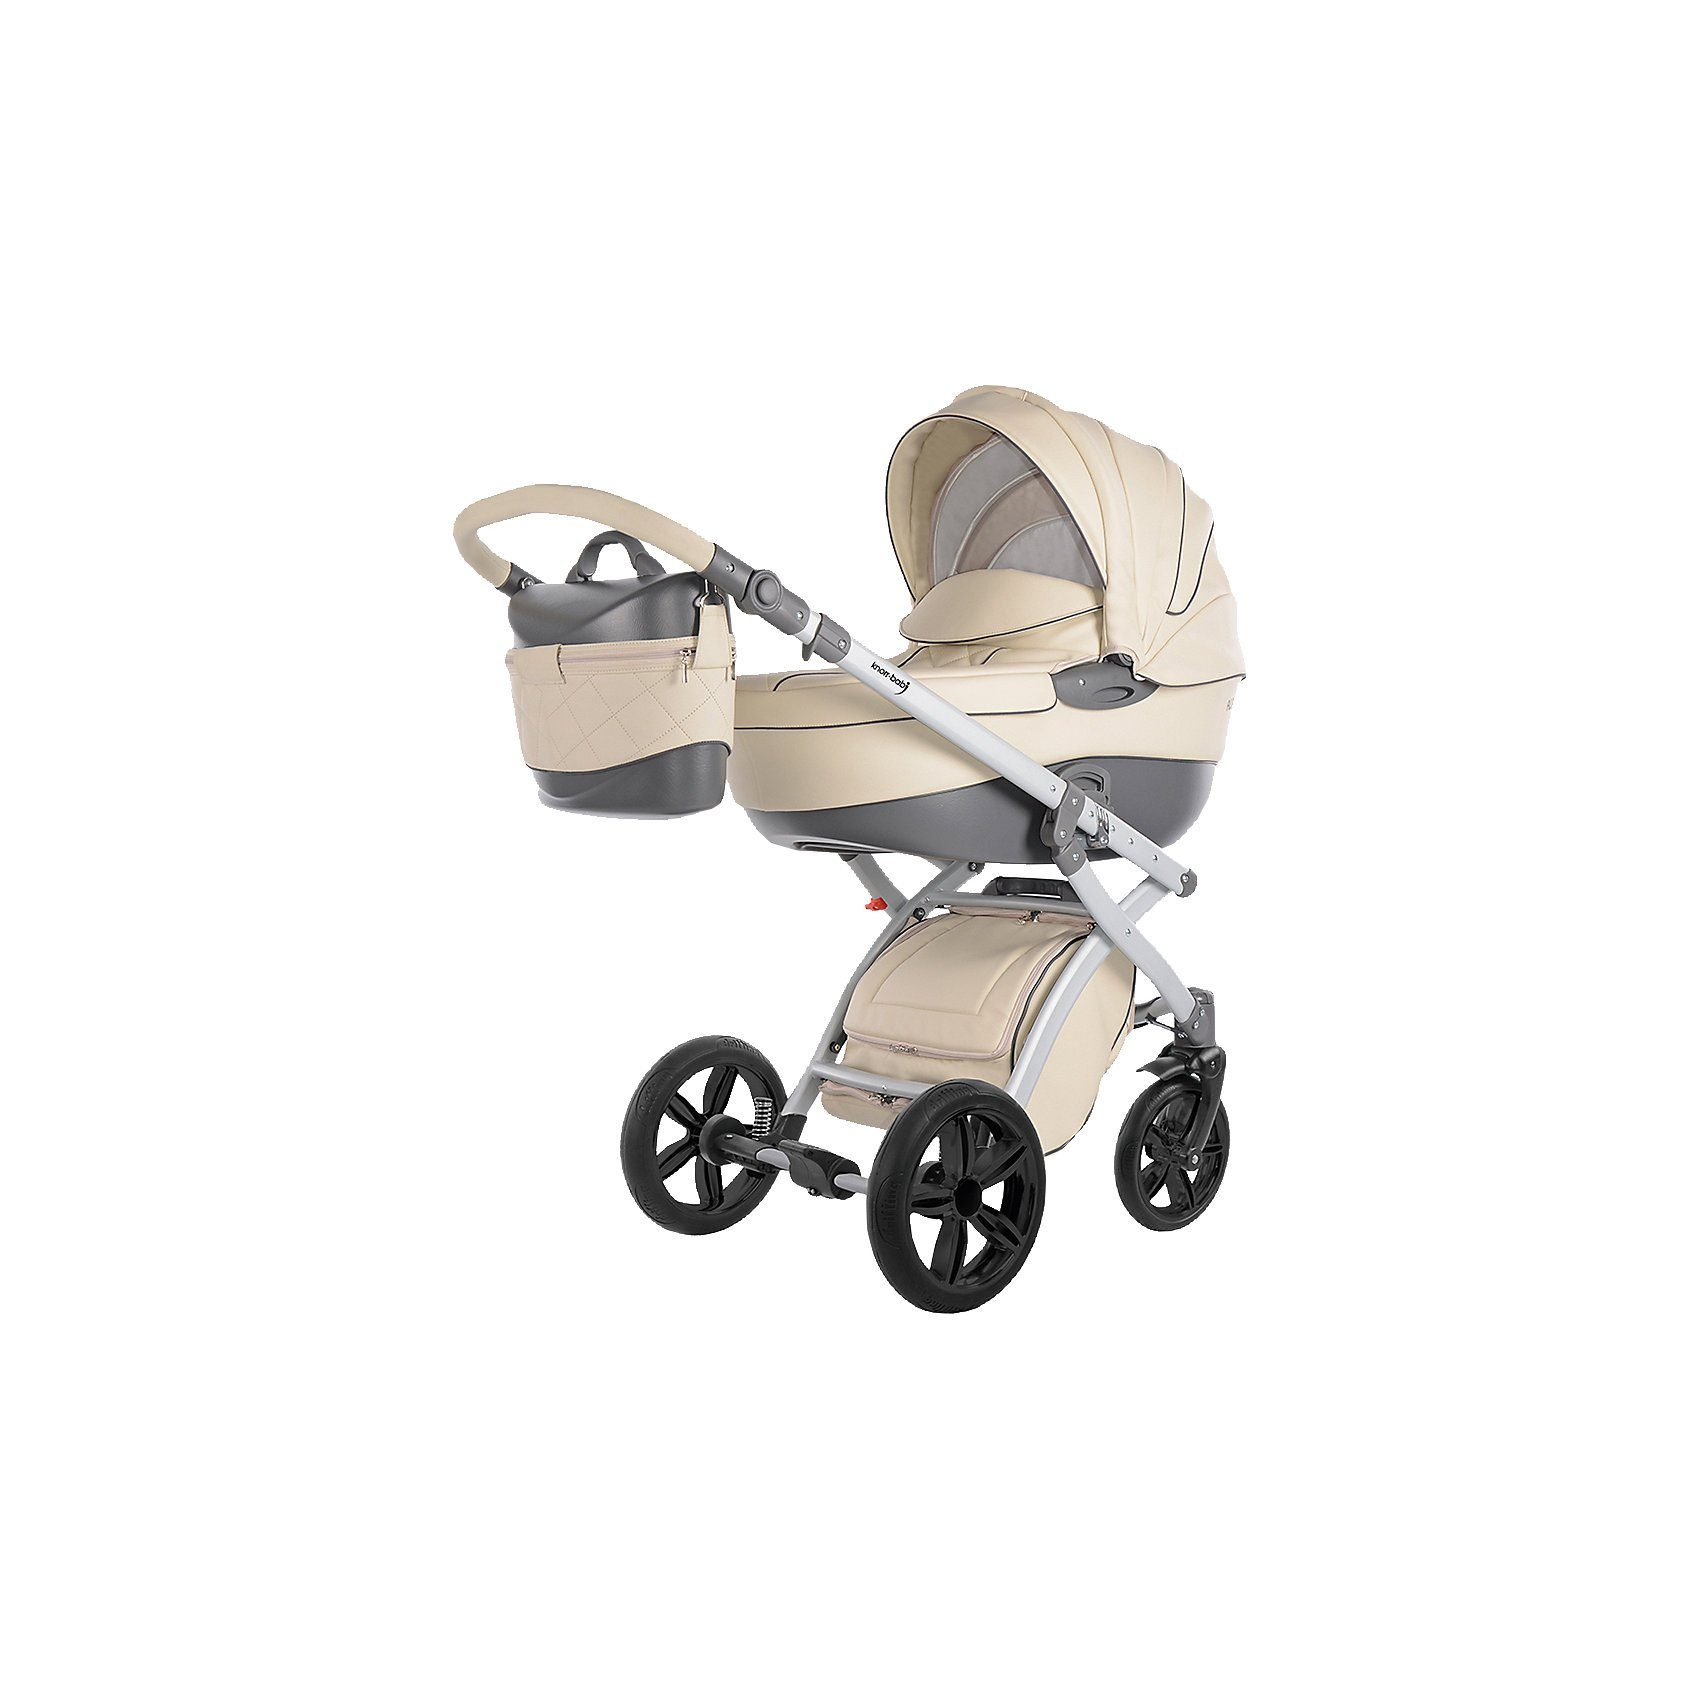 knorr-baby Kombi Kinderwagen Alive Eco Pure, ecru